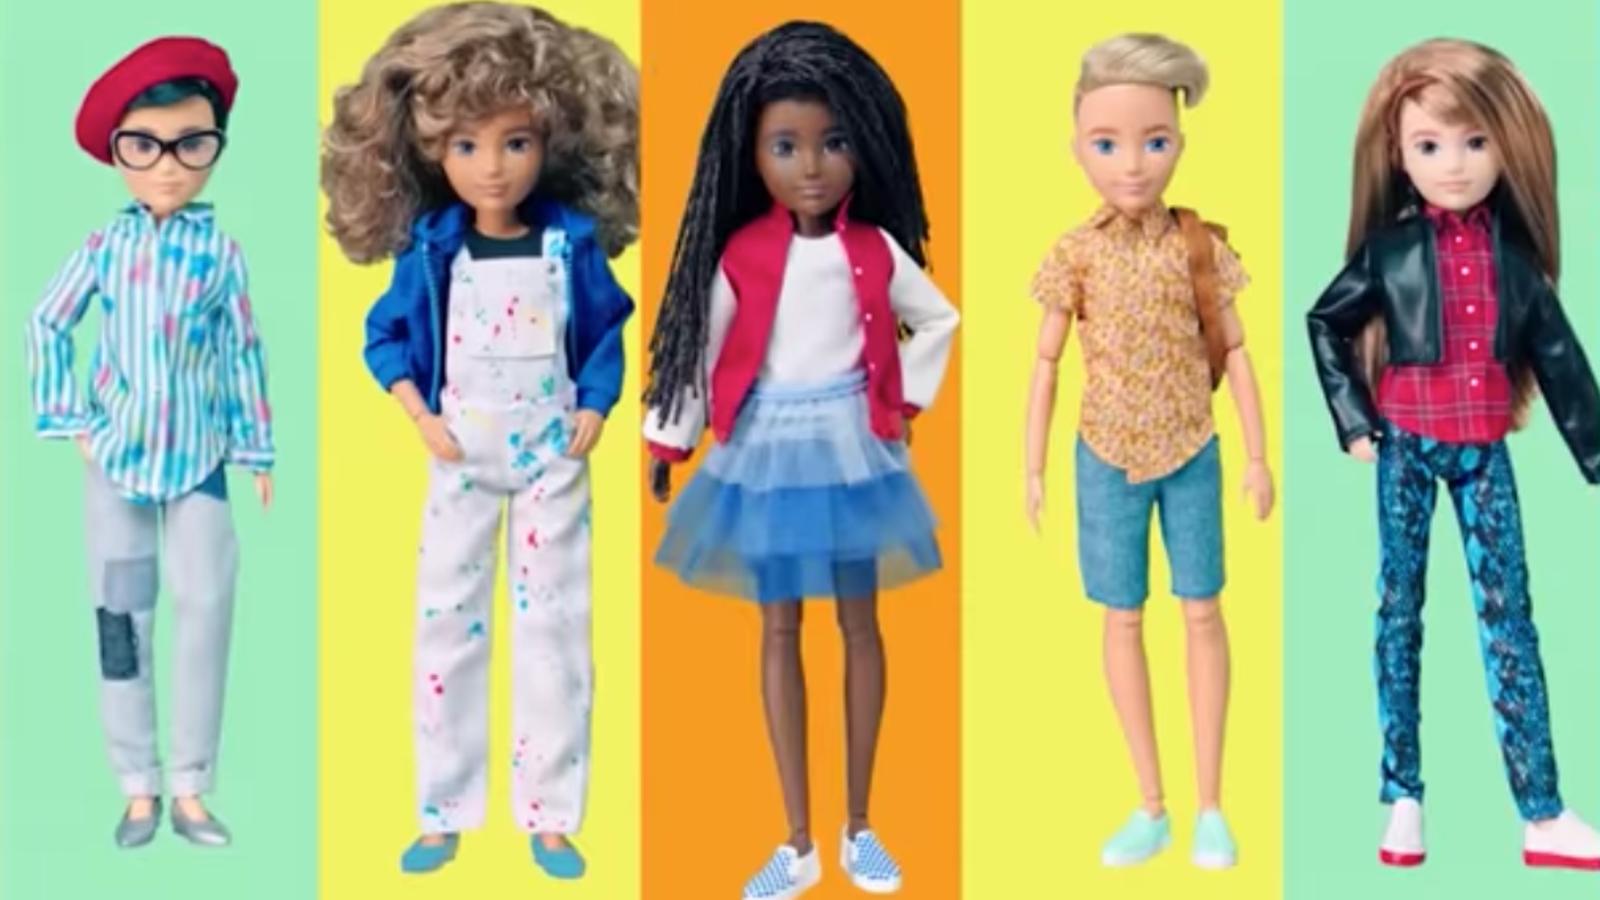 Barbie-maker Mattel releases new line of gender-neutral dolls